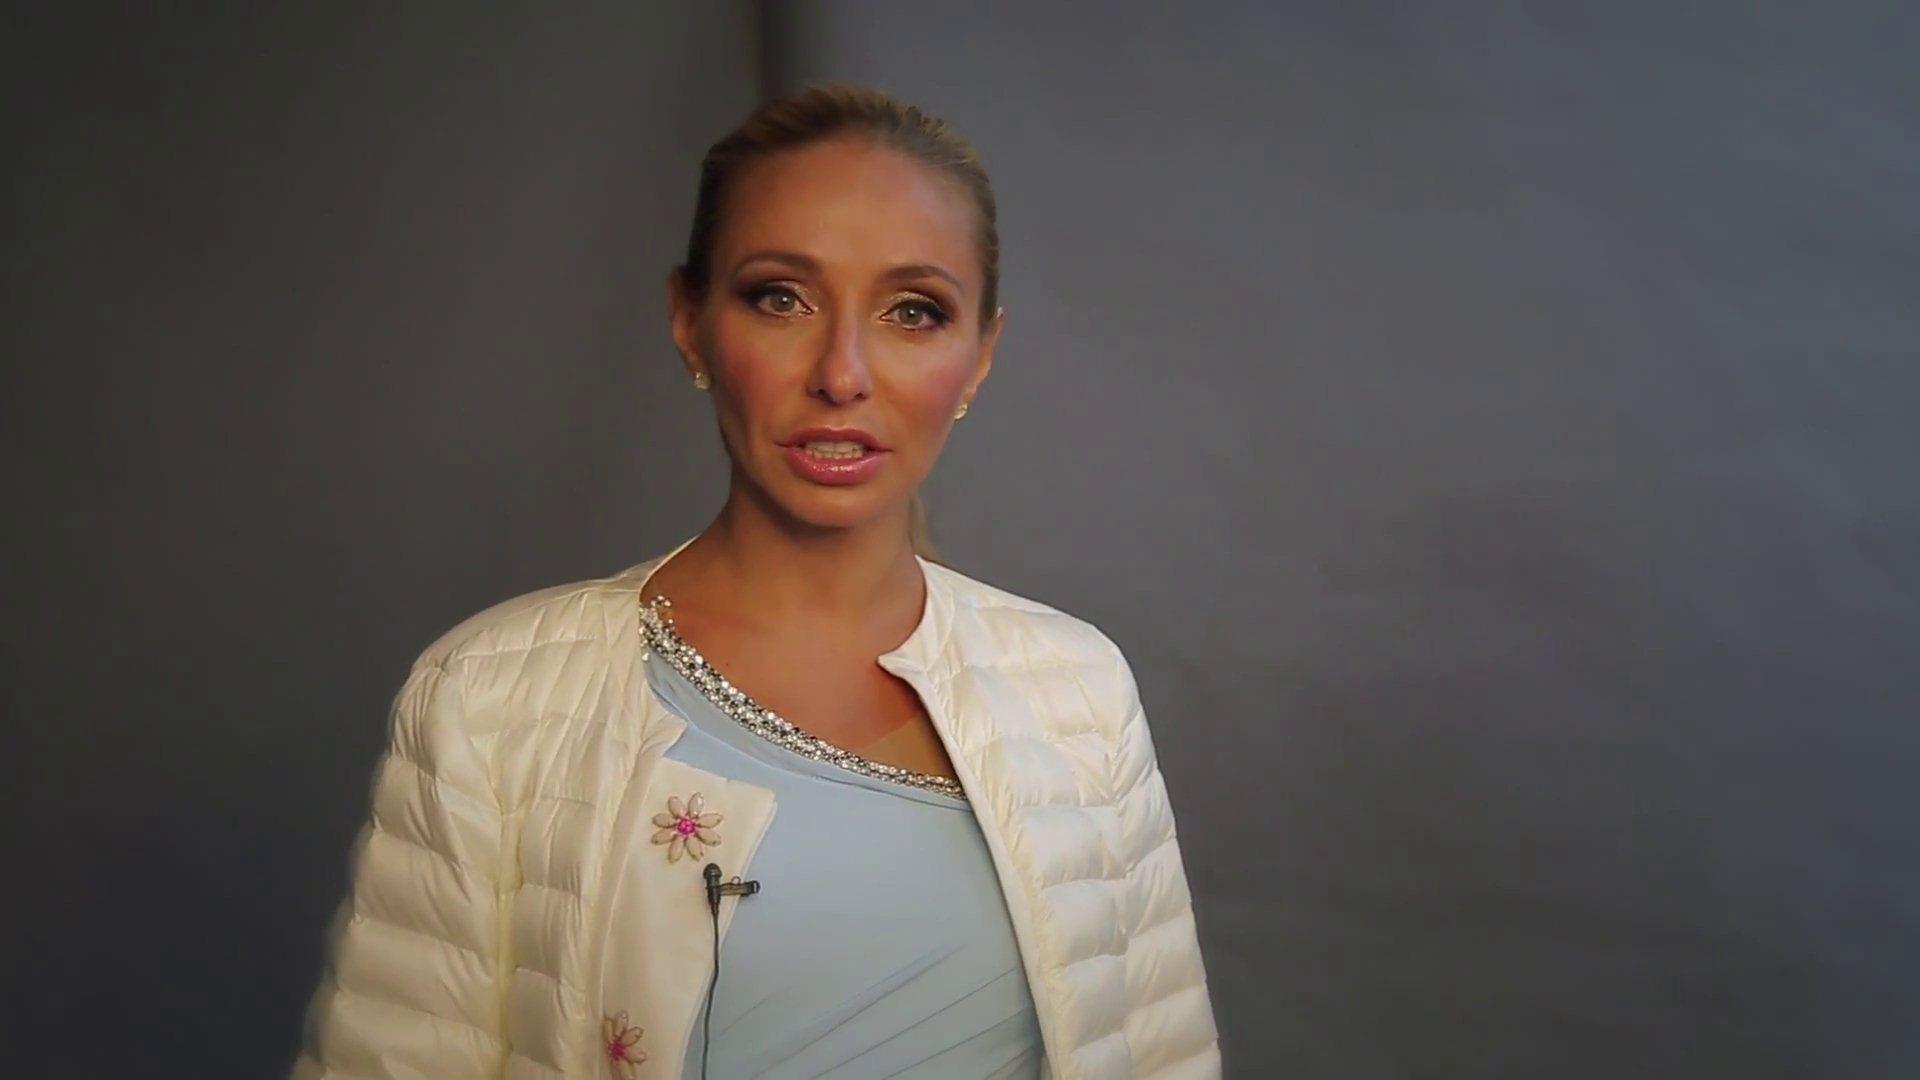 Татьяна Навка. Реклама, съемки, презентации - Страница 6 636b14e3ce2e